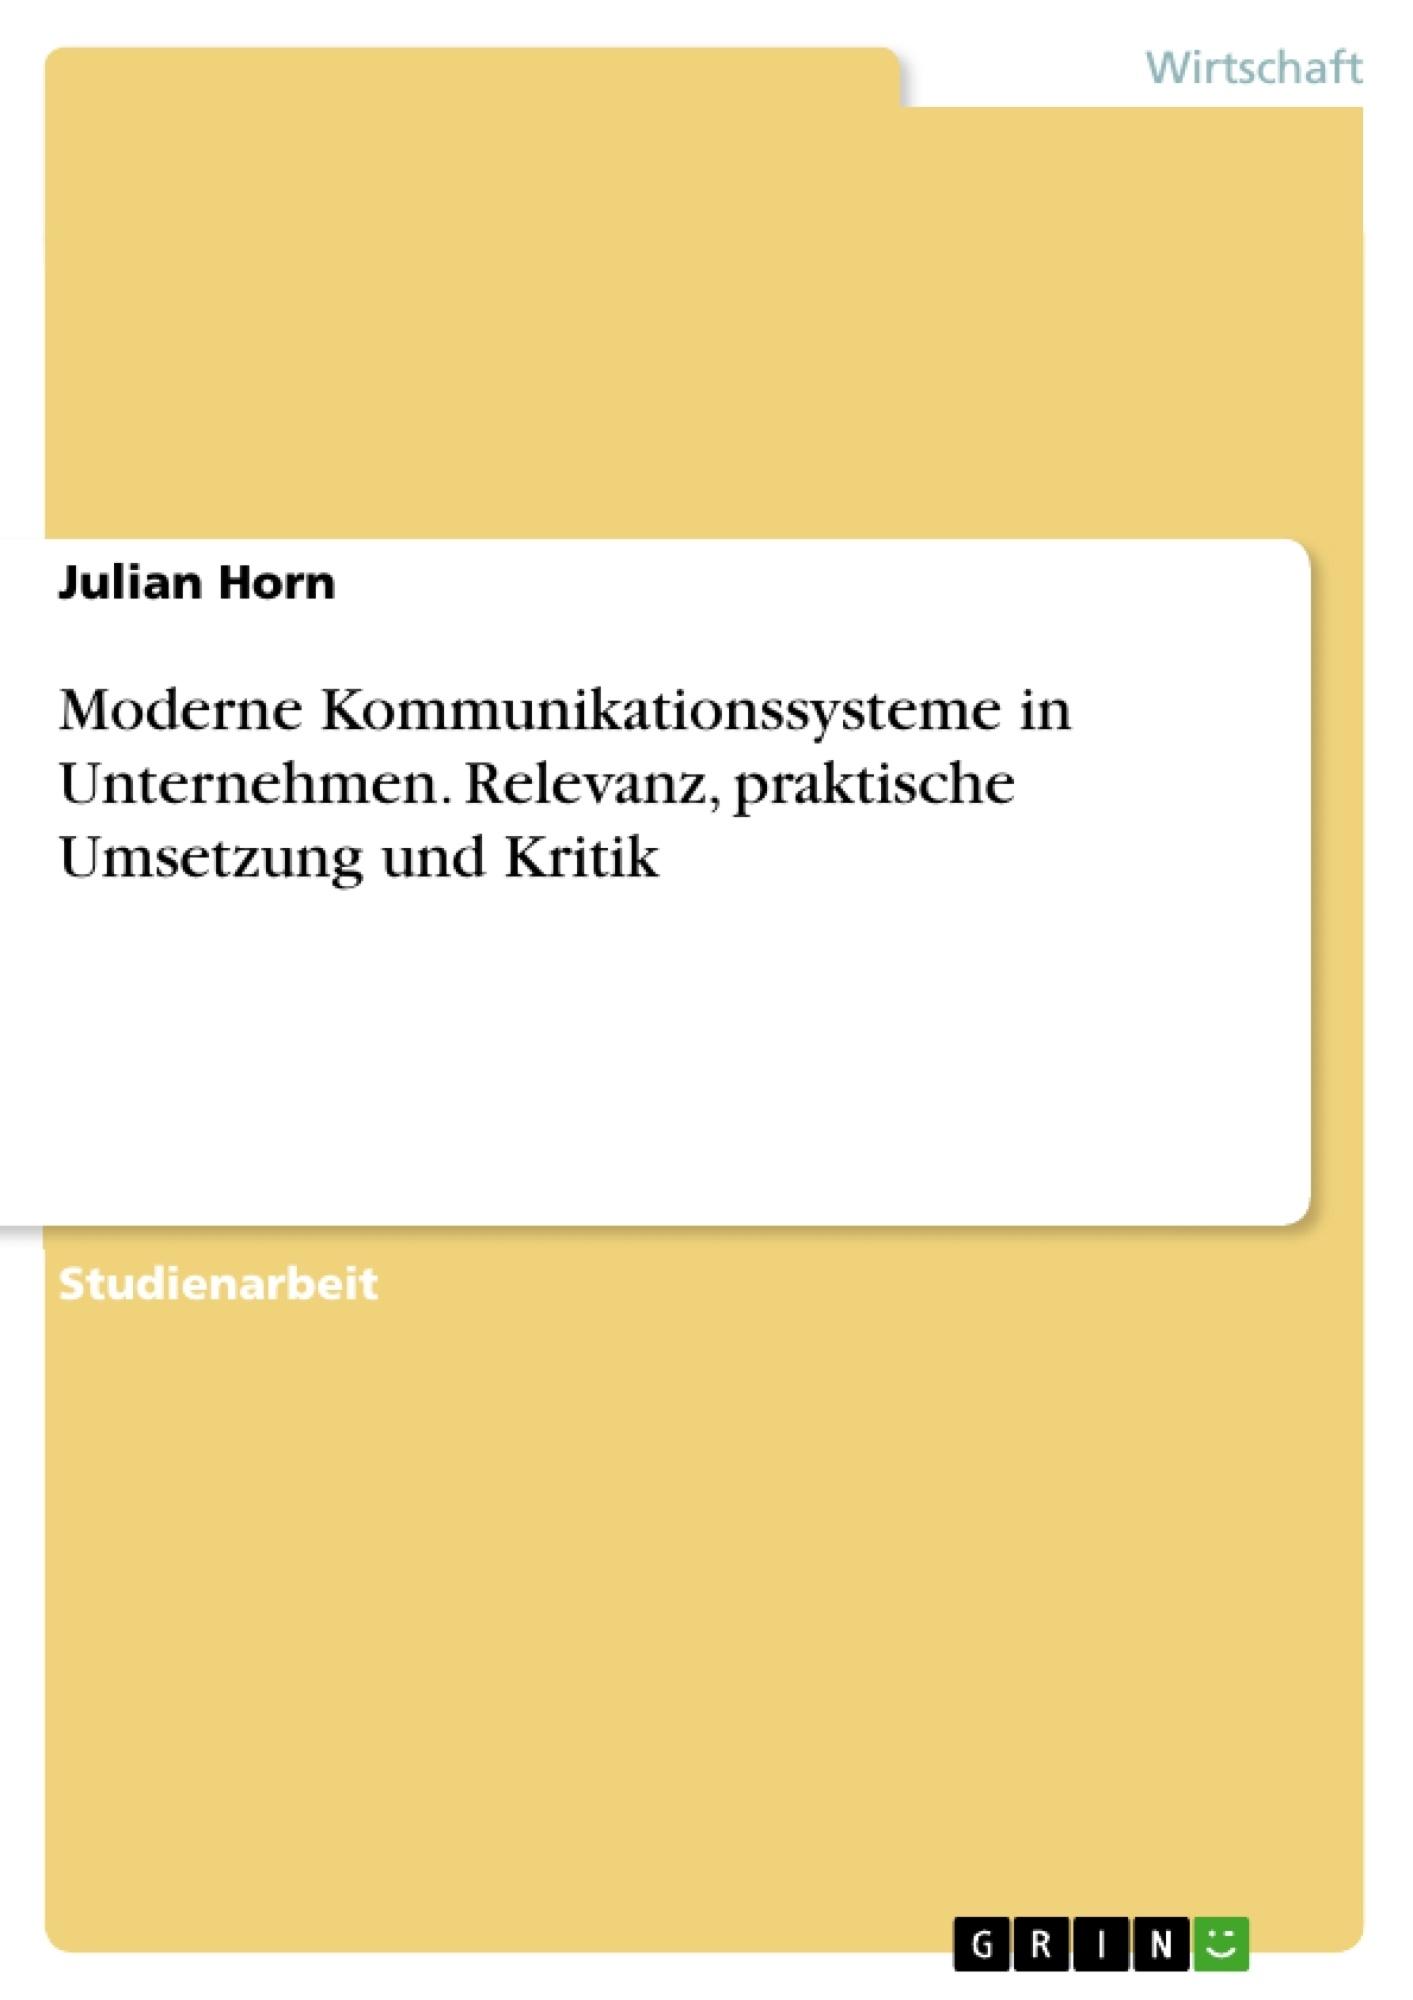 Titel: Moderne Kommunikationssysteme in Unternehmen. Relevanz, praktische Umsetzung und Kritik